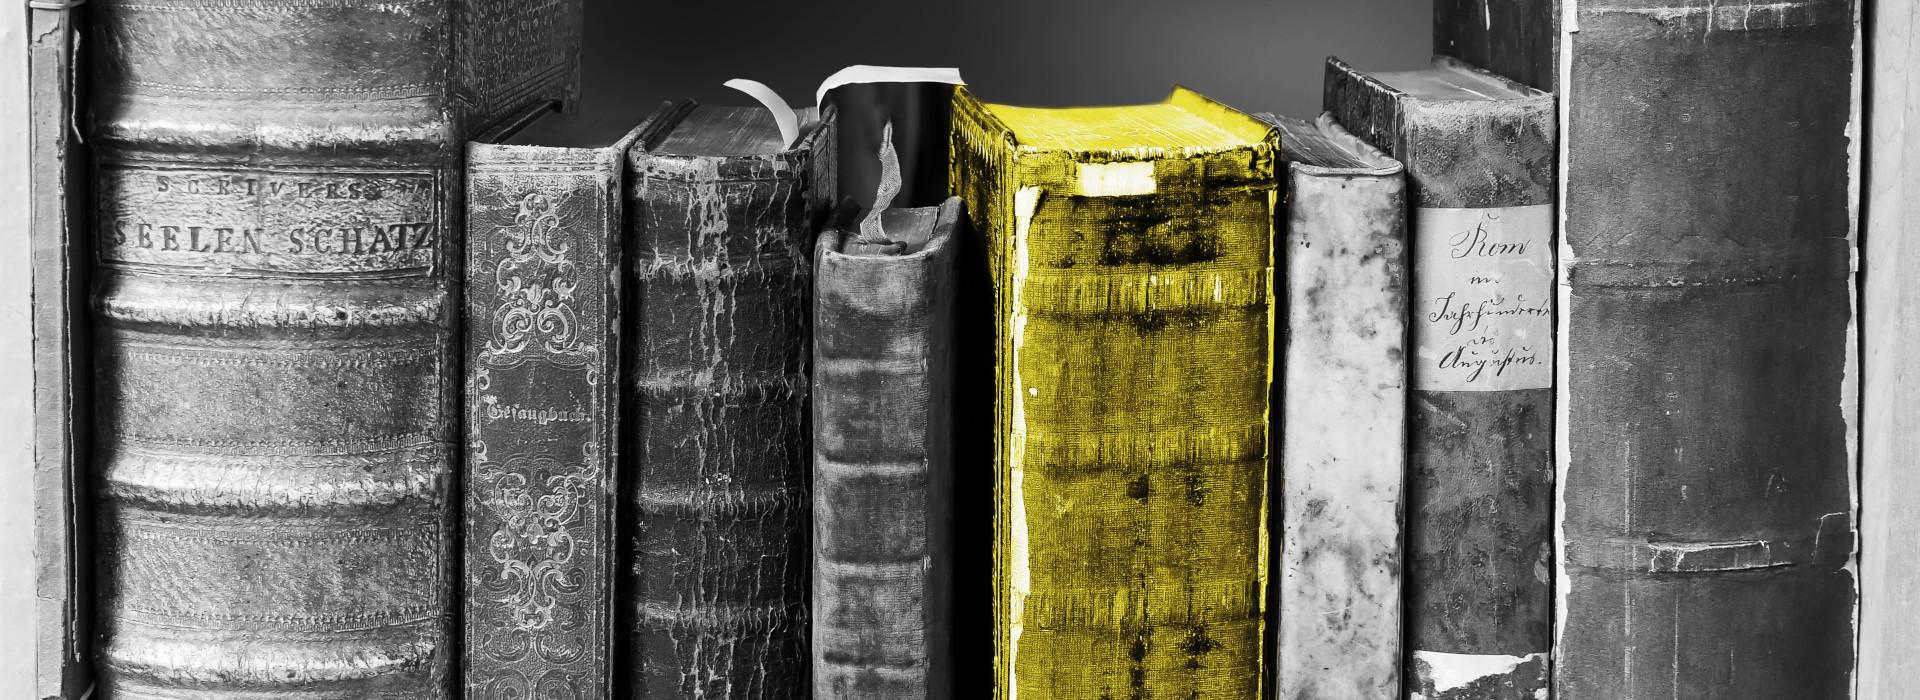 Symbolbild Bücherregal Pixabay blende12